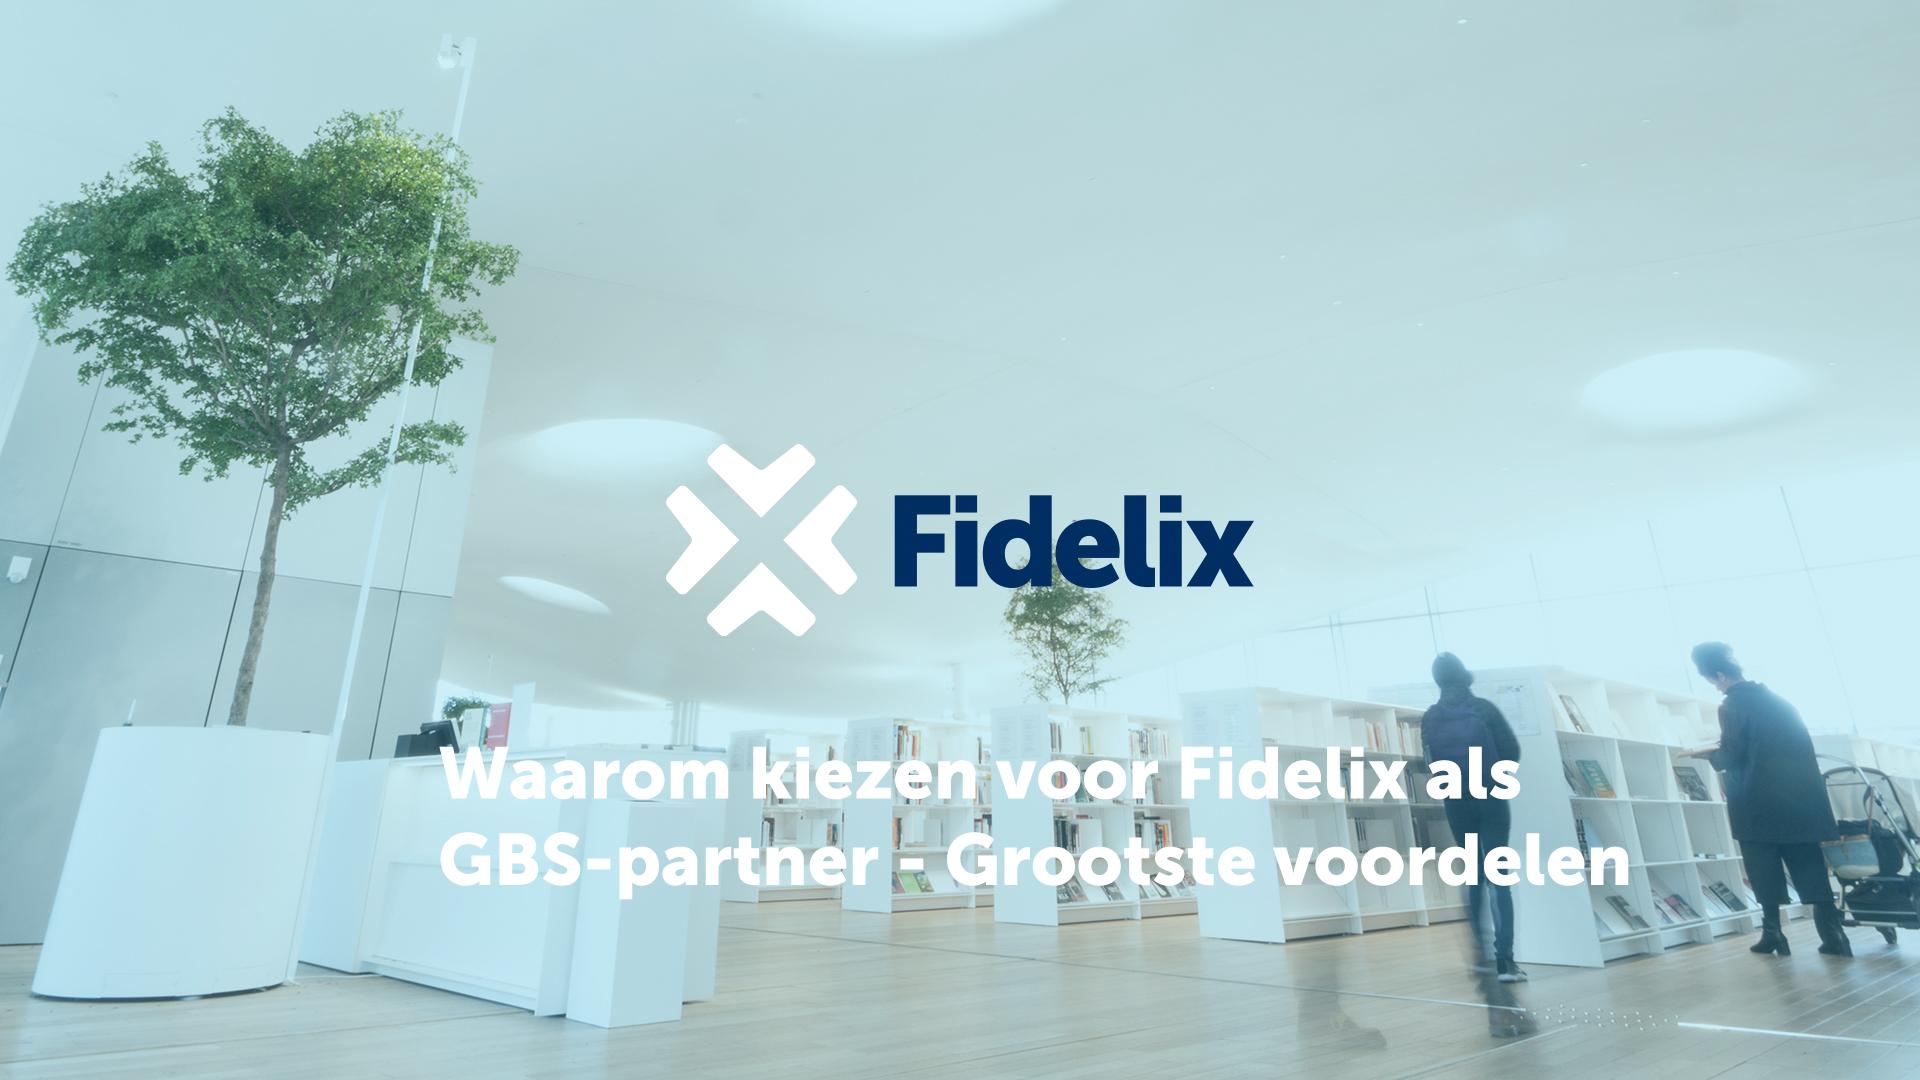 Waarom kiezen voor Fidelix als GBS-partner - Grootste voordelen